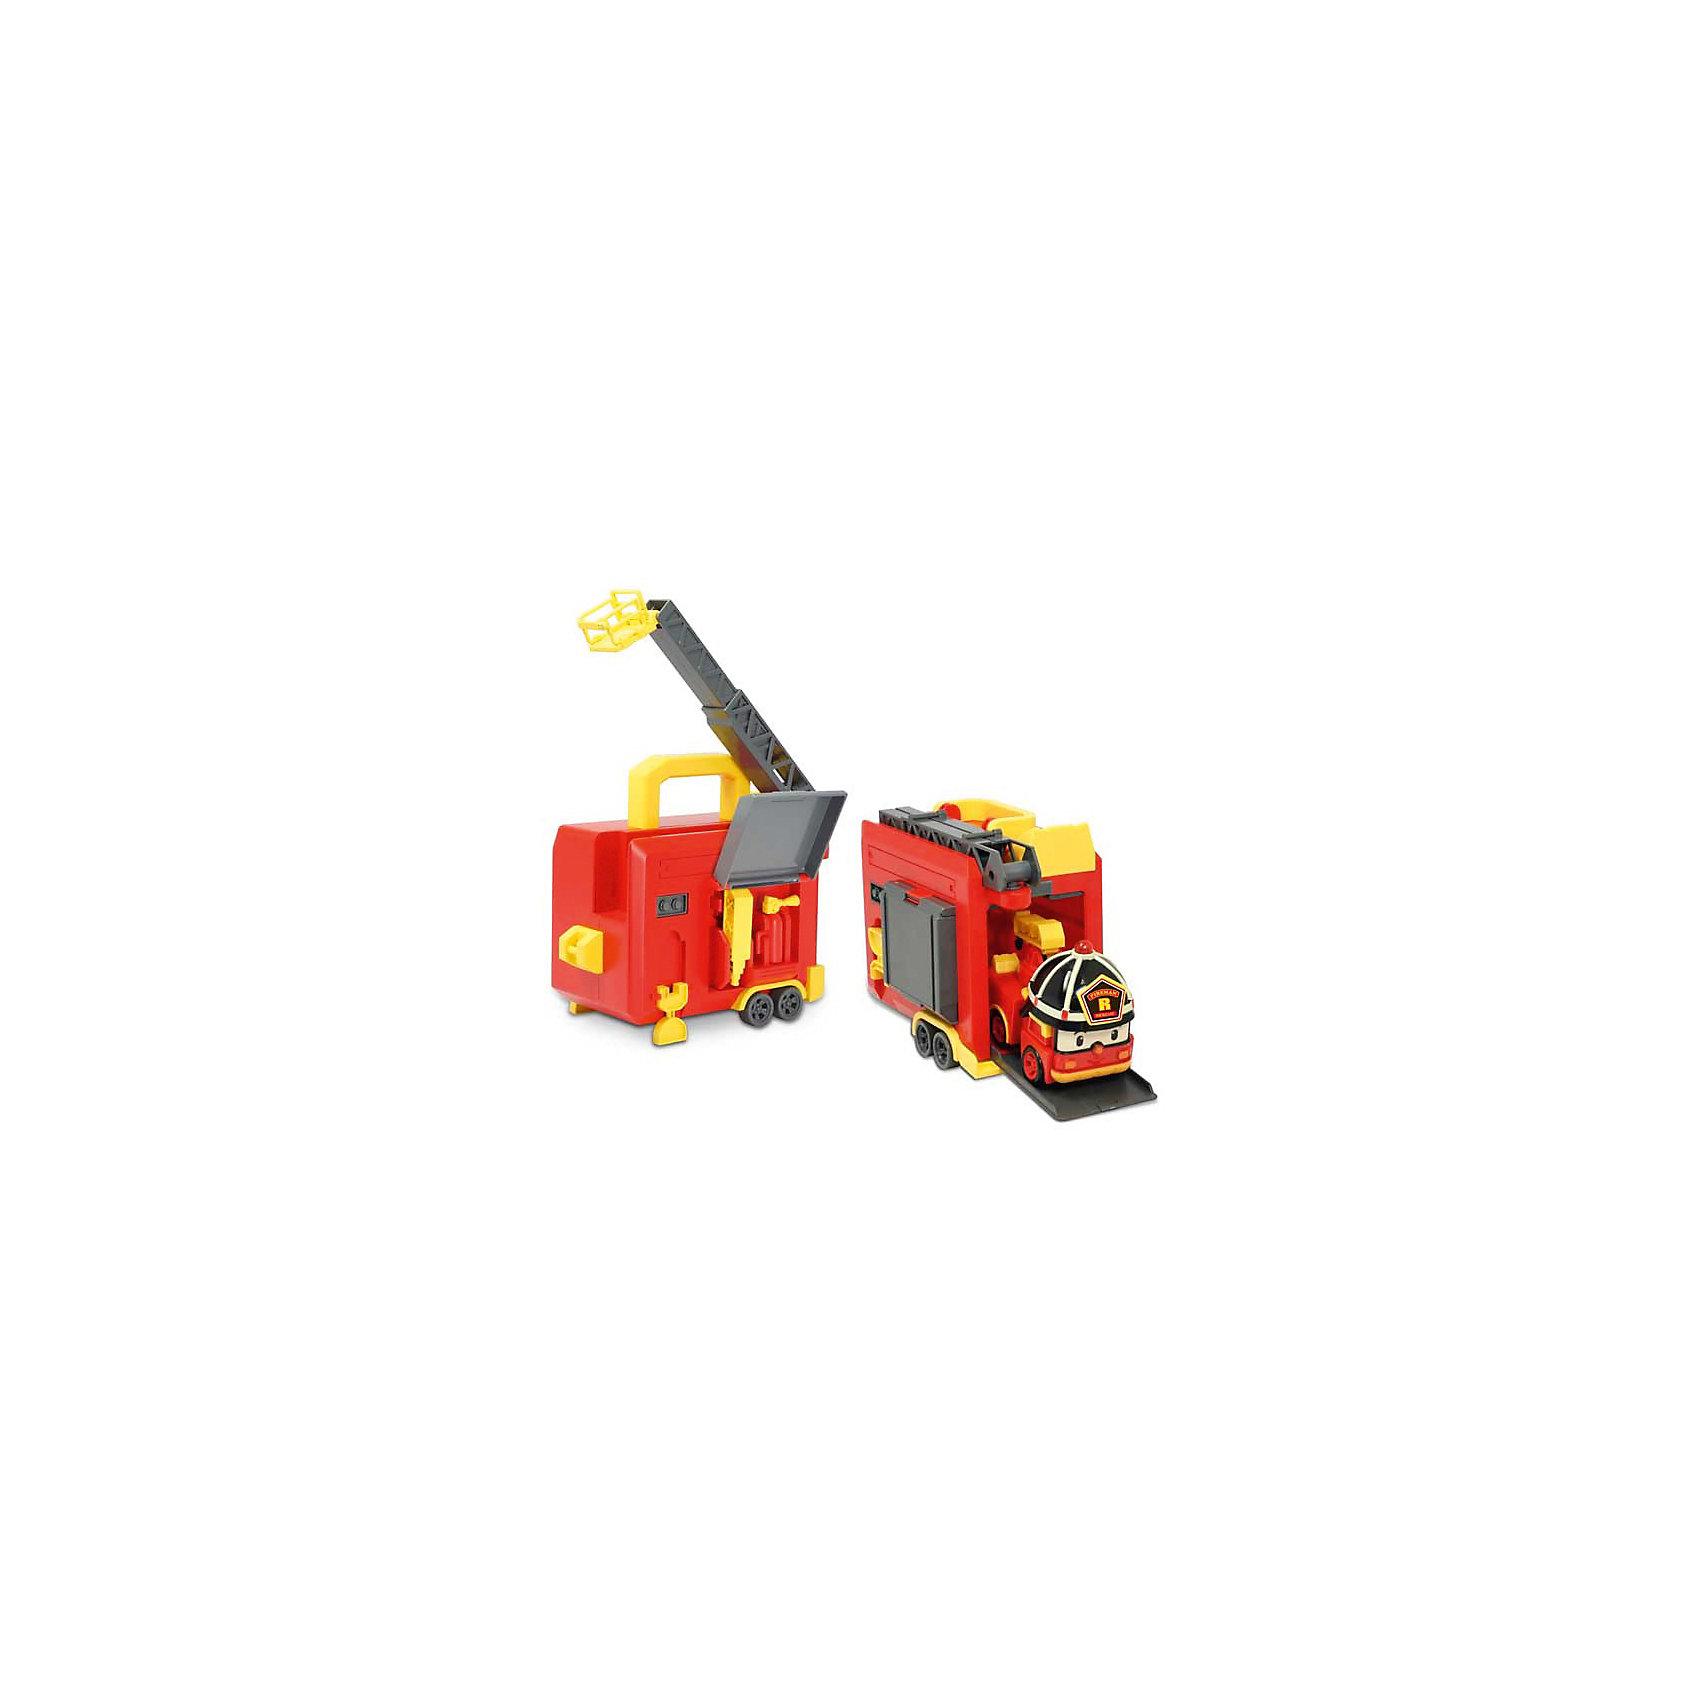 Кейс с гаражом и трансформером Рой, 12 см, Робокар Поли, 12 смПарковки и гаражи<br>Кейс с гаражом и трансформером Рой, 12 см, Робокар Поли, 12 см позволит ребенку играть с пожарной машинкой Роем и патрулировать придуманный город, а перестроив игрушку в робота, помогать другим машинкам в уборке или проведении других мероприятий в городе. Кейс выполнен на колесах и зацепляется крюком трансформера, и Рой может начать операцию по тушению пожара в высотном здании или на лесной поляне. На крыше кейса установлена выдвижная стрела с площадкой-корзиной, которую можно выдвинуть и забраться на самую высокую крышу или достать пострадавшего с высокой скалы. А настоящий гараж можно использовать как место отдыха пожарной машины или для ремонта.<br><br>Характеристики:<br>-Развивает: воображение, пространственное мышление, мелкую моторику, речь, фантазию<br>-Игрушка выполнена из высококачественного пластика, с аккуратно обработанными краями, использованные красители не токсичны и гипоаллергенны<br>-Кейс служит для хранения и переноски в гости, на прогулку<br>-Машина-спасатель легко трансформируется в робота<br><br>Комплектация: пожарная машина Рой, гараж с выдвижной лестницей и отделением для хранения инструментов (водная пушка, огнетушитель)<br><br>Дополнительная информация:<br>-Материалы: пластик, металл<br>-Размеры в упаковке: 36х13х22 см<br>-Вес в упаковке: 1,4 кг<br>-Размер робота: 12 см<br>-Батарейки для мигалки входят в комплект<br><br>Переносной гараж-кейс и трансформер-пожарный Рой подарят ребенку множество интересных игр!<br><br>Кейс с гаражом и трансформером Рой, 12 см, Робокар Поли, 12 см можно купить в нашем магазине.<br><br>Ширина мм: 361<br>Глубина мм: 220<br>Высота мм: 139<br>Вес г: 927<br>Возраст от месяцев: 36<br>Возраст до месяцев: 66<br>Пол: Унисекс<br>Возраст: Детский<br>SKU: 3722553